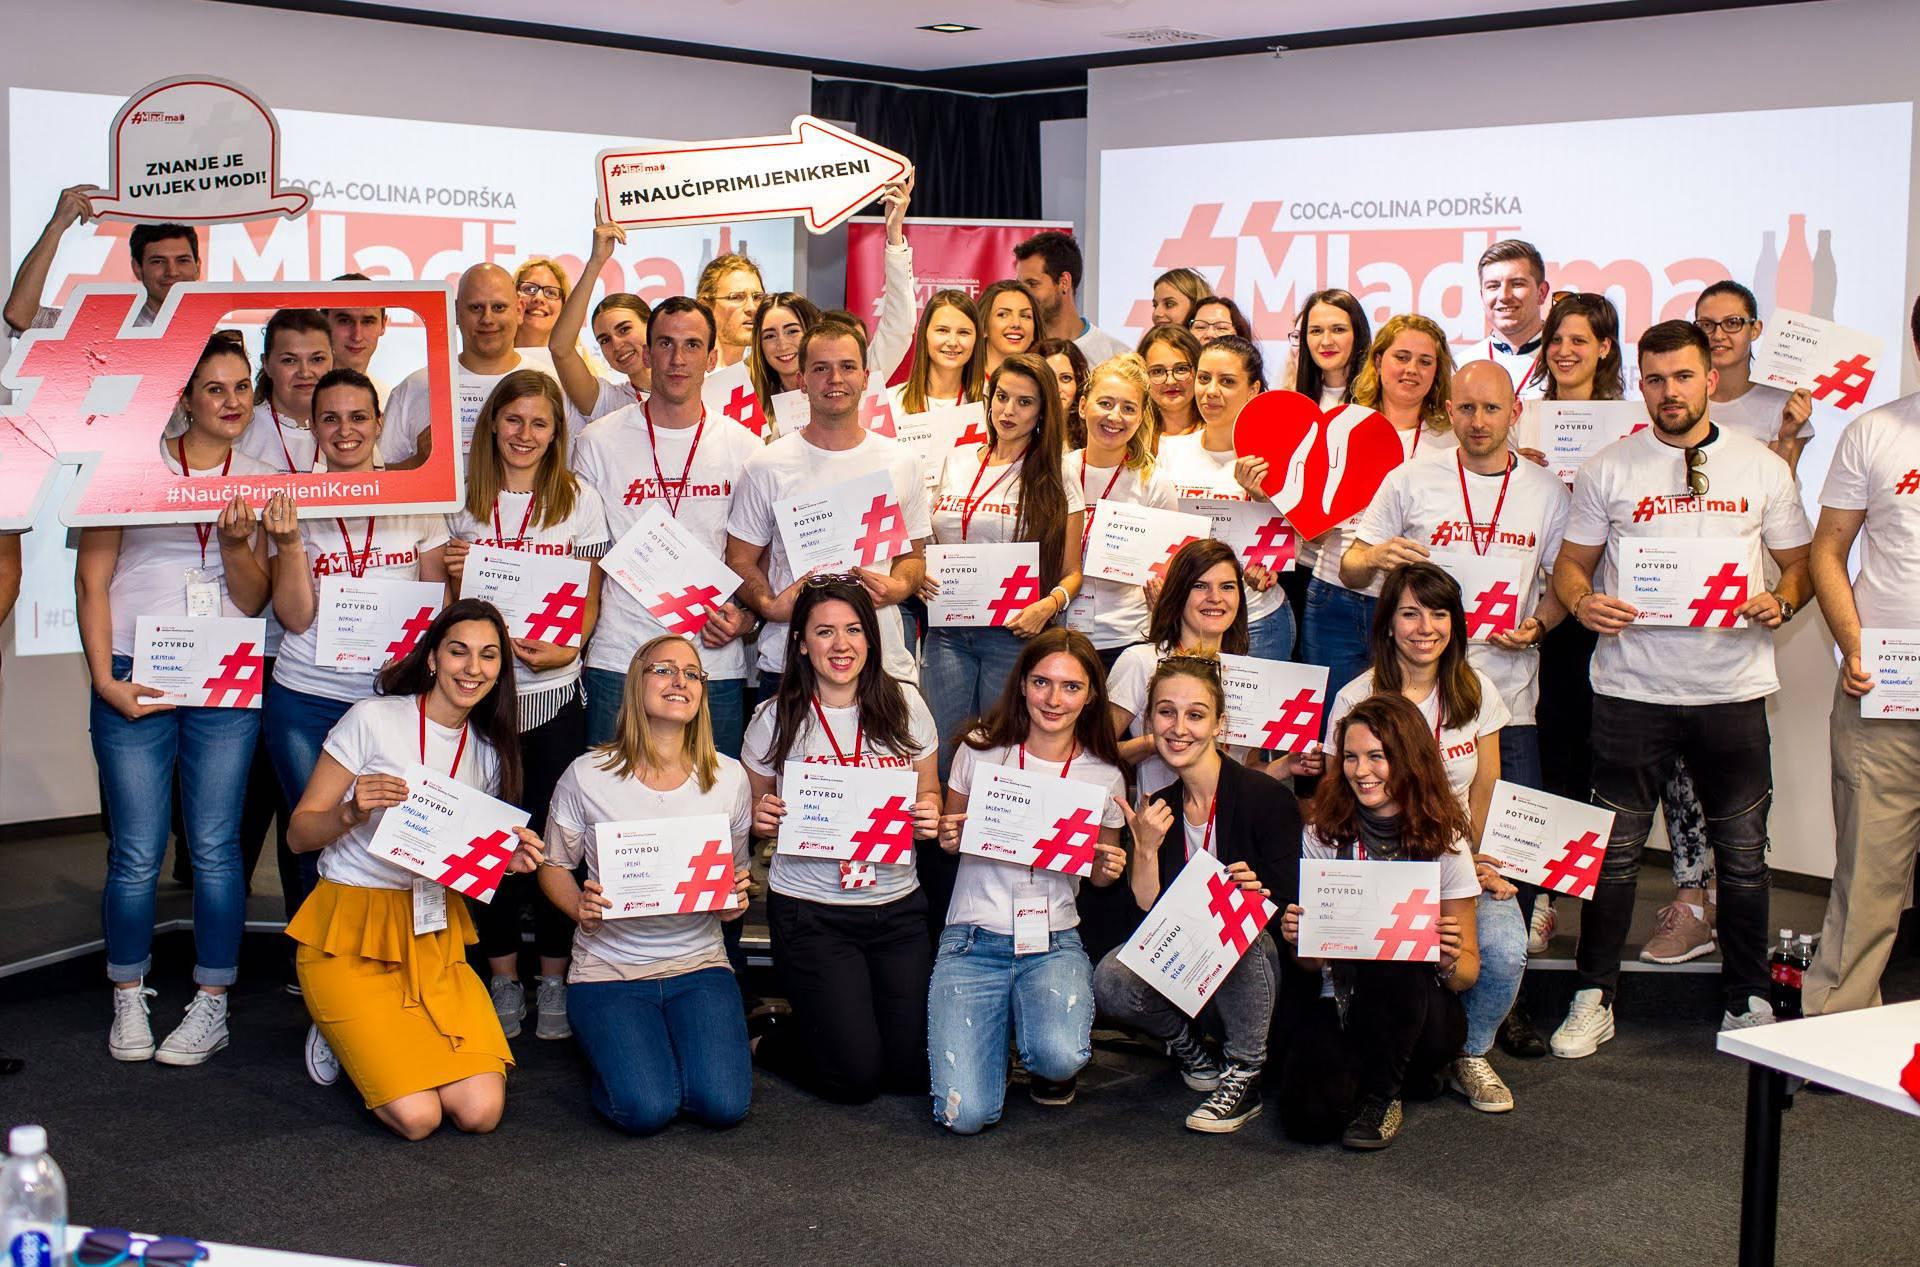 Radionice za mlade: Ključna je poslovna mreža i rad na sebi